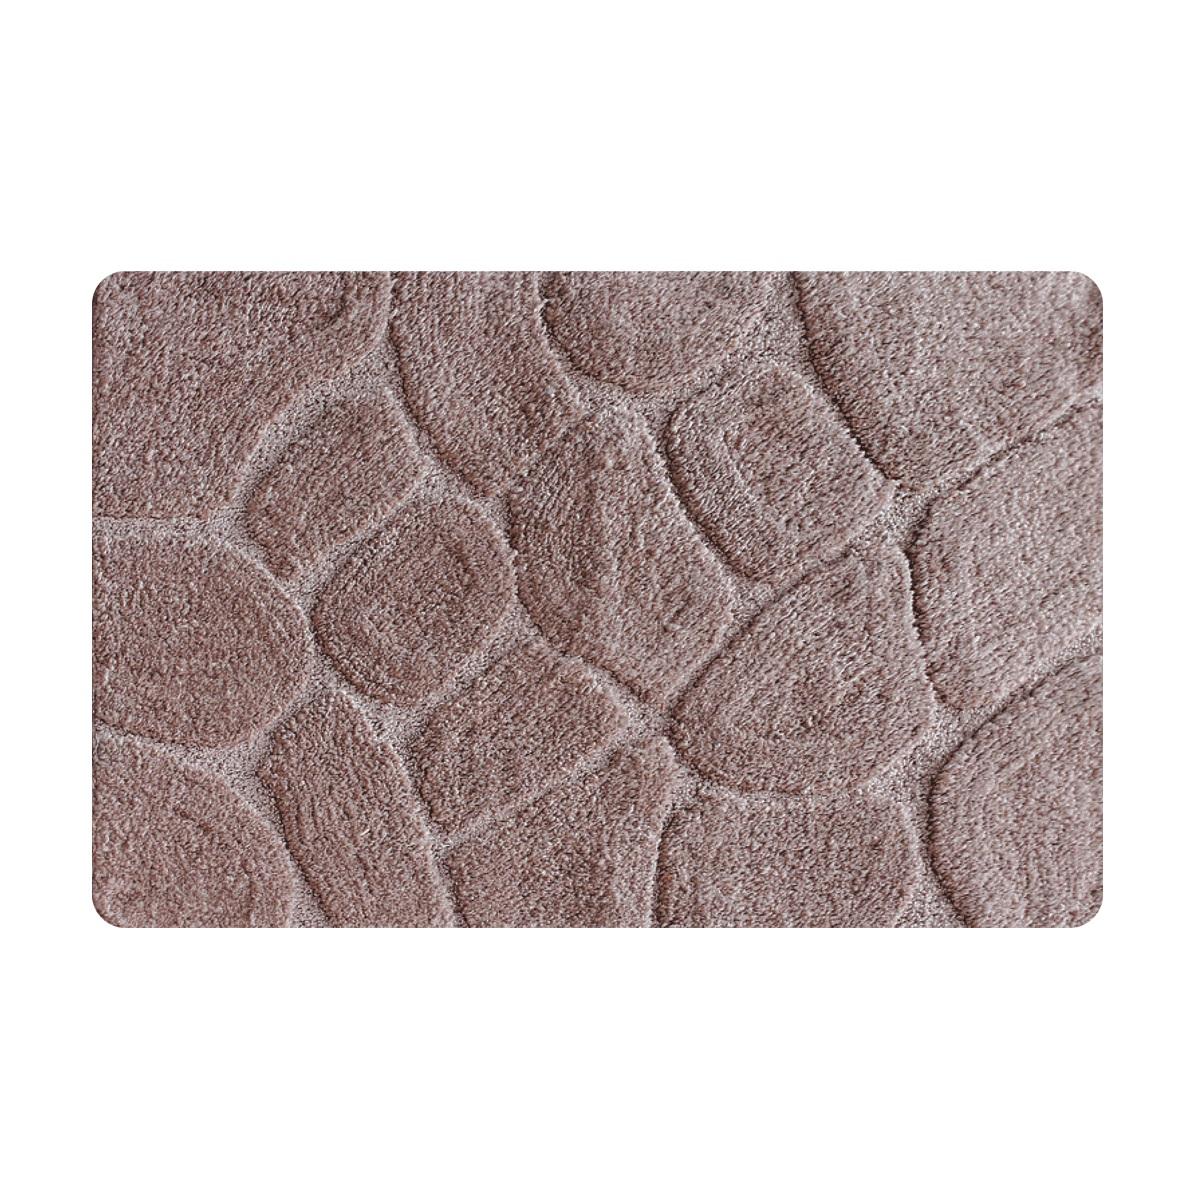 Коврик для ванной Iddis Grey stones, цвет: бежевый, 50 х 80 смMID200MКоврик для ванной комнаты Iddis выполнен из 100% полиэстера. Коврик имеет специальную латексную основу, благодаря которой он не скользит на напольных покрытиях в ванной, что обеспечивает безопасность во время использования. Коврик изготавливается по специальным технологиям машинного ручного тафтинга, что гарантирует высокое качество и долговечность.Высота ворса: 2,5 см.